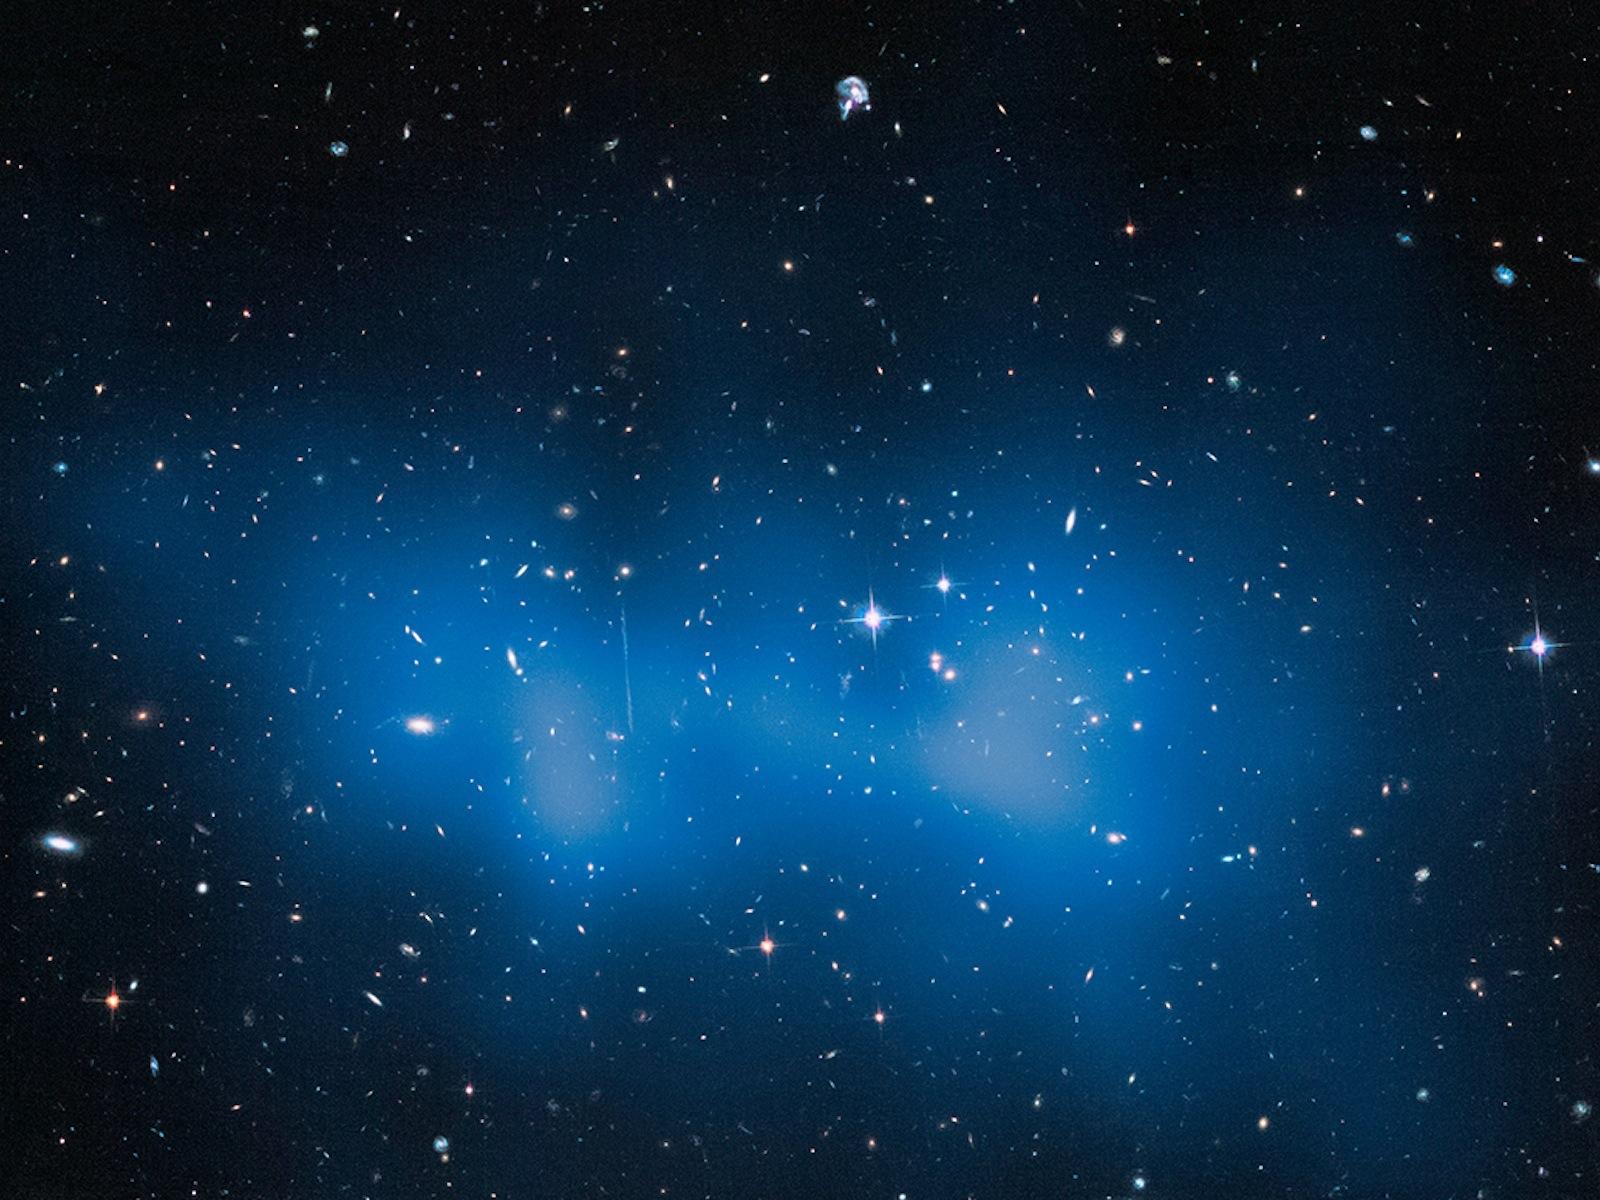 Monster 'El Gordo' Galaxy